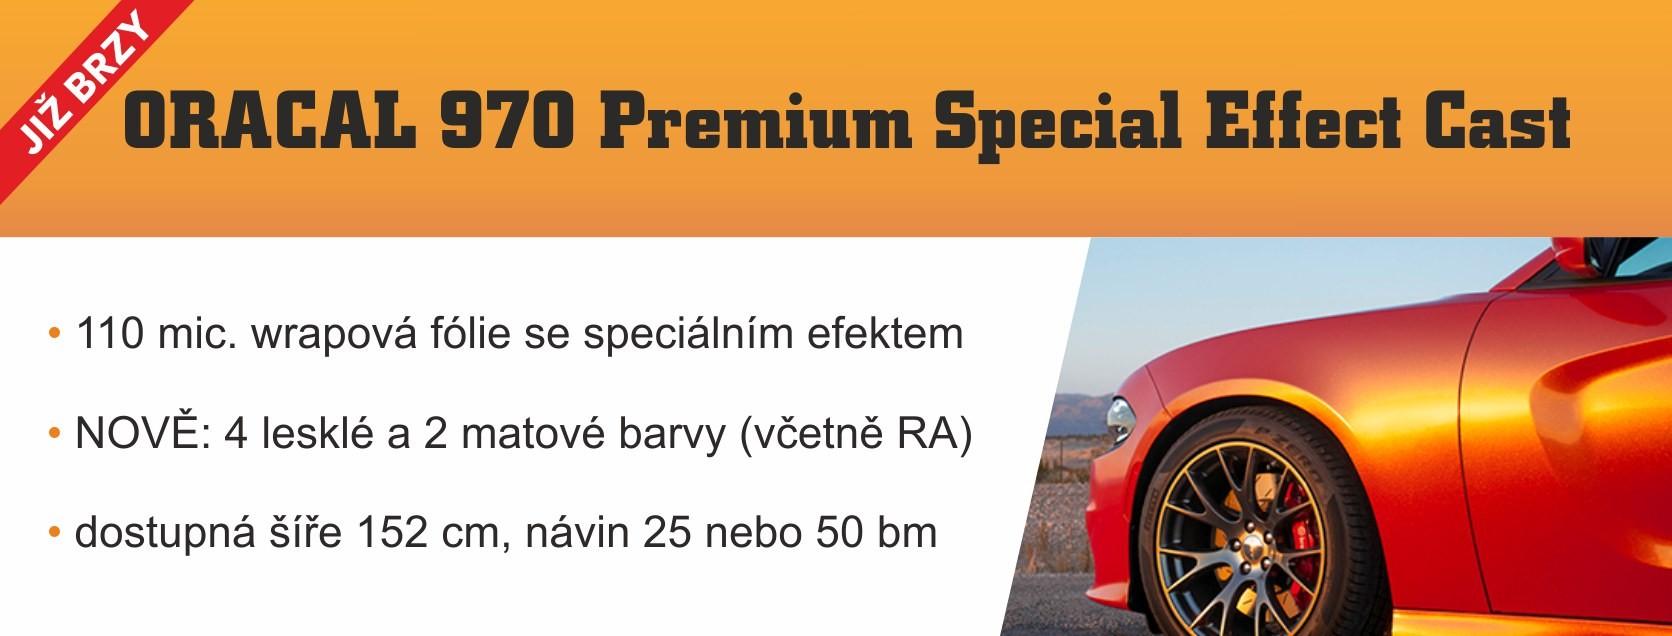 oracal-970-specialni-efekty